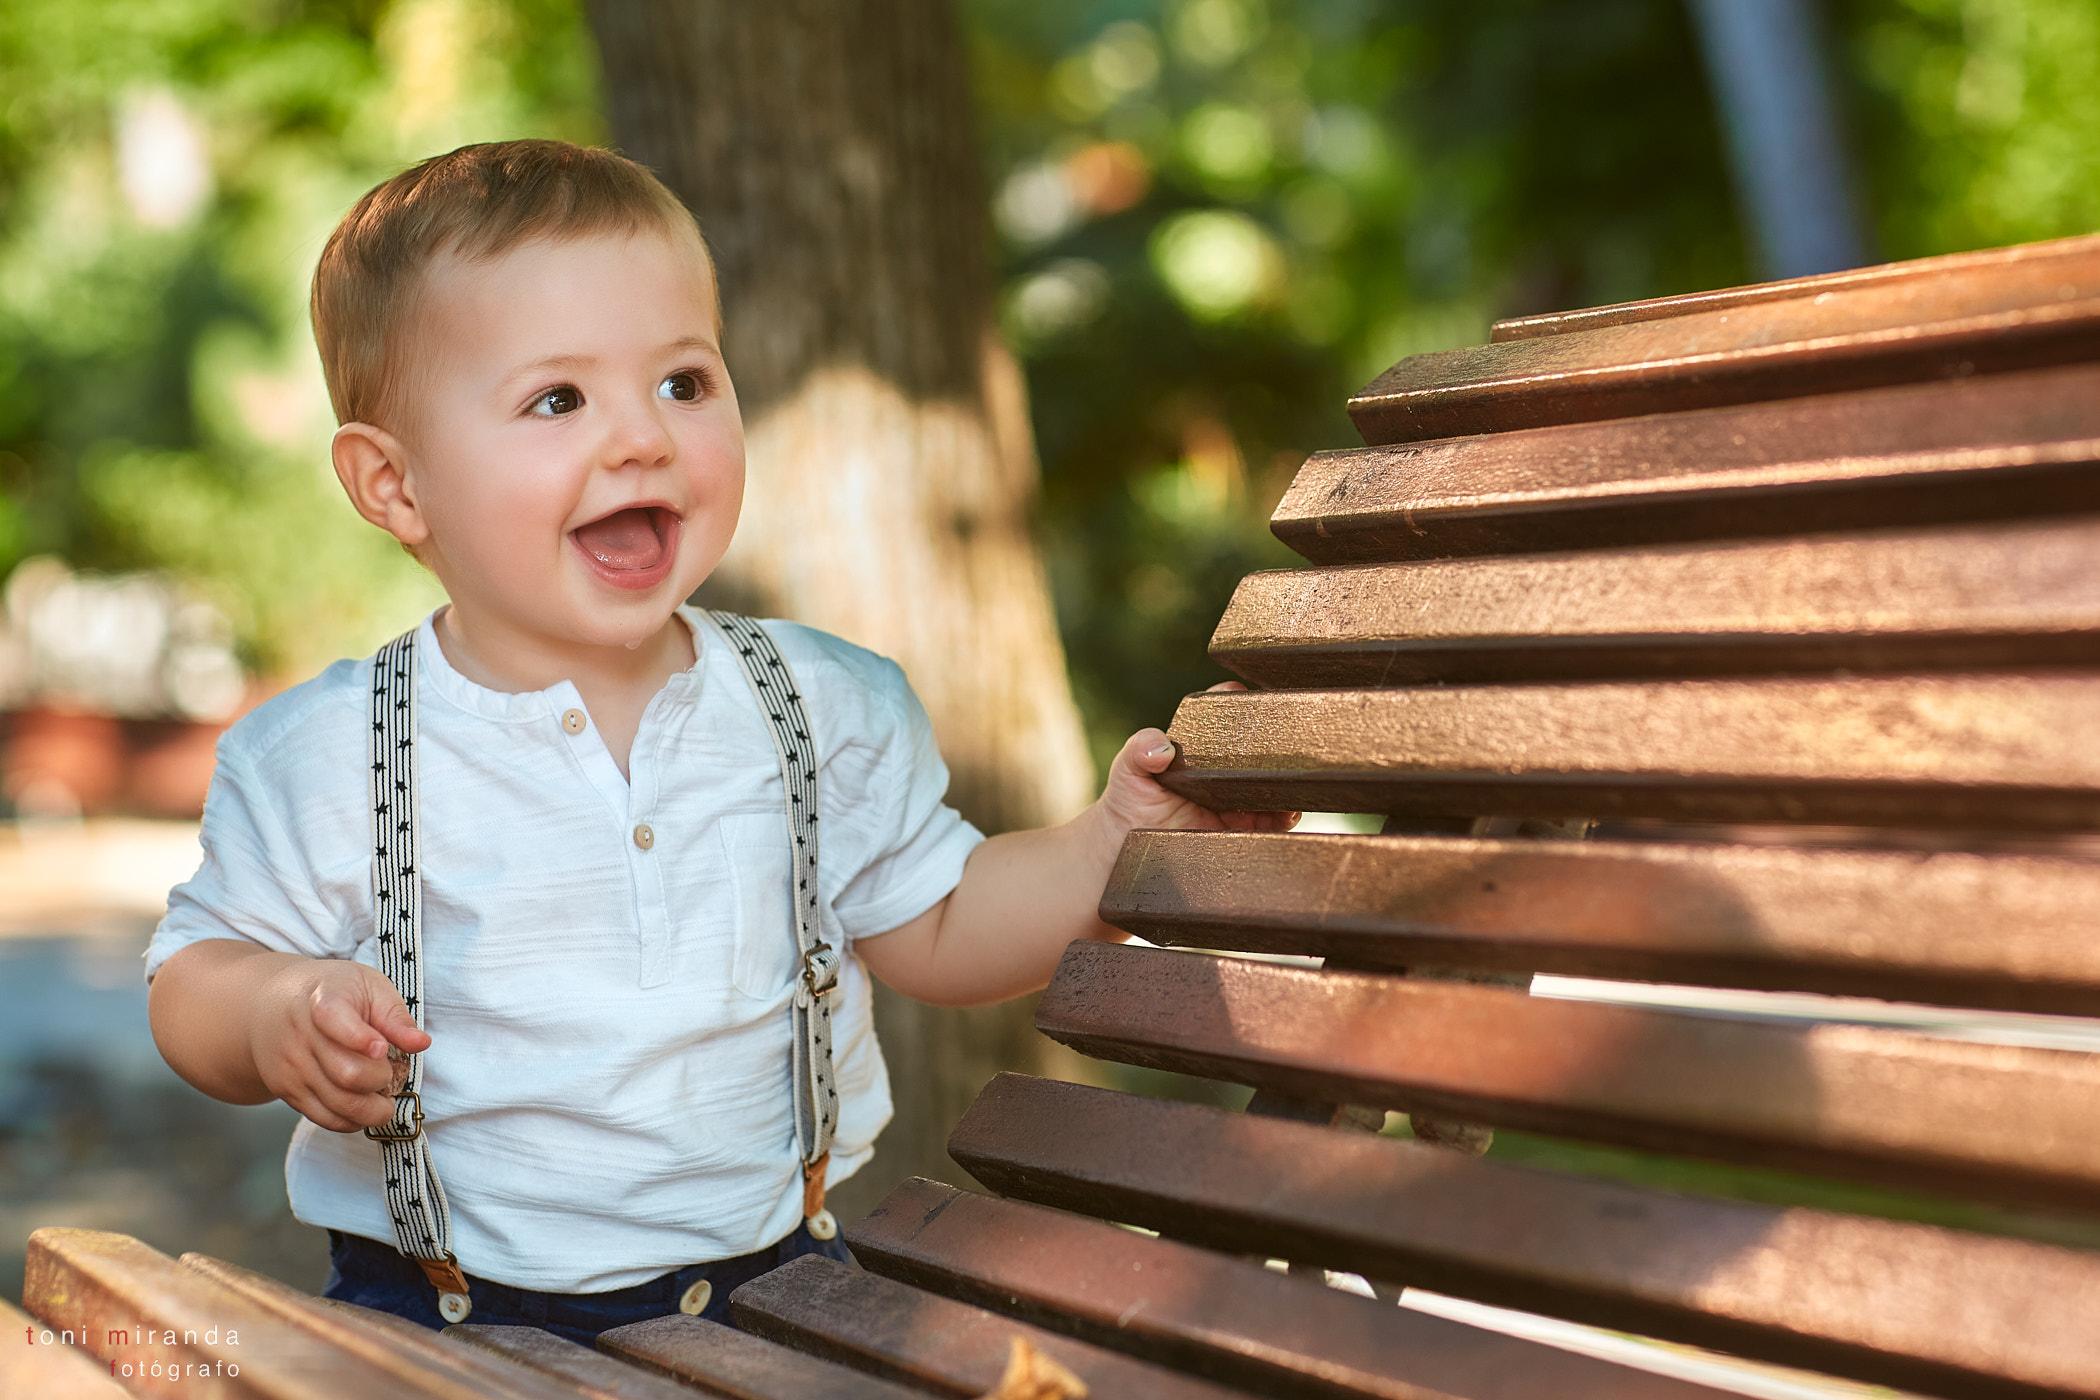 niño sonrisa en fotografia exterior